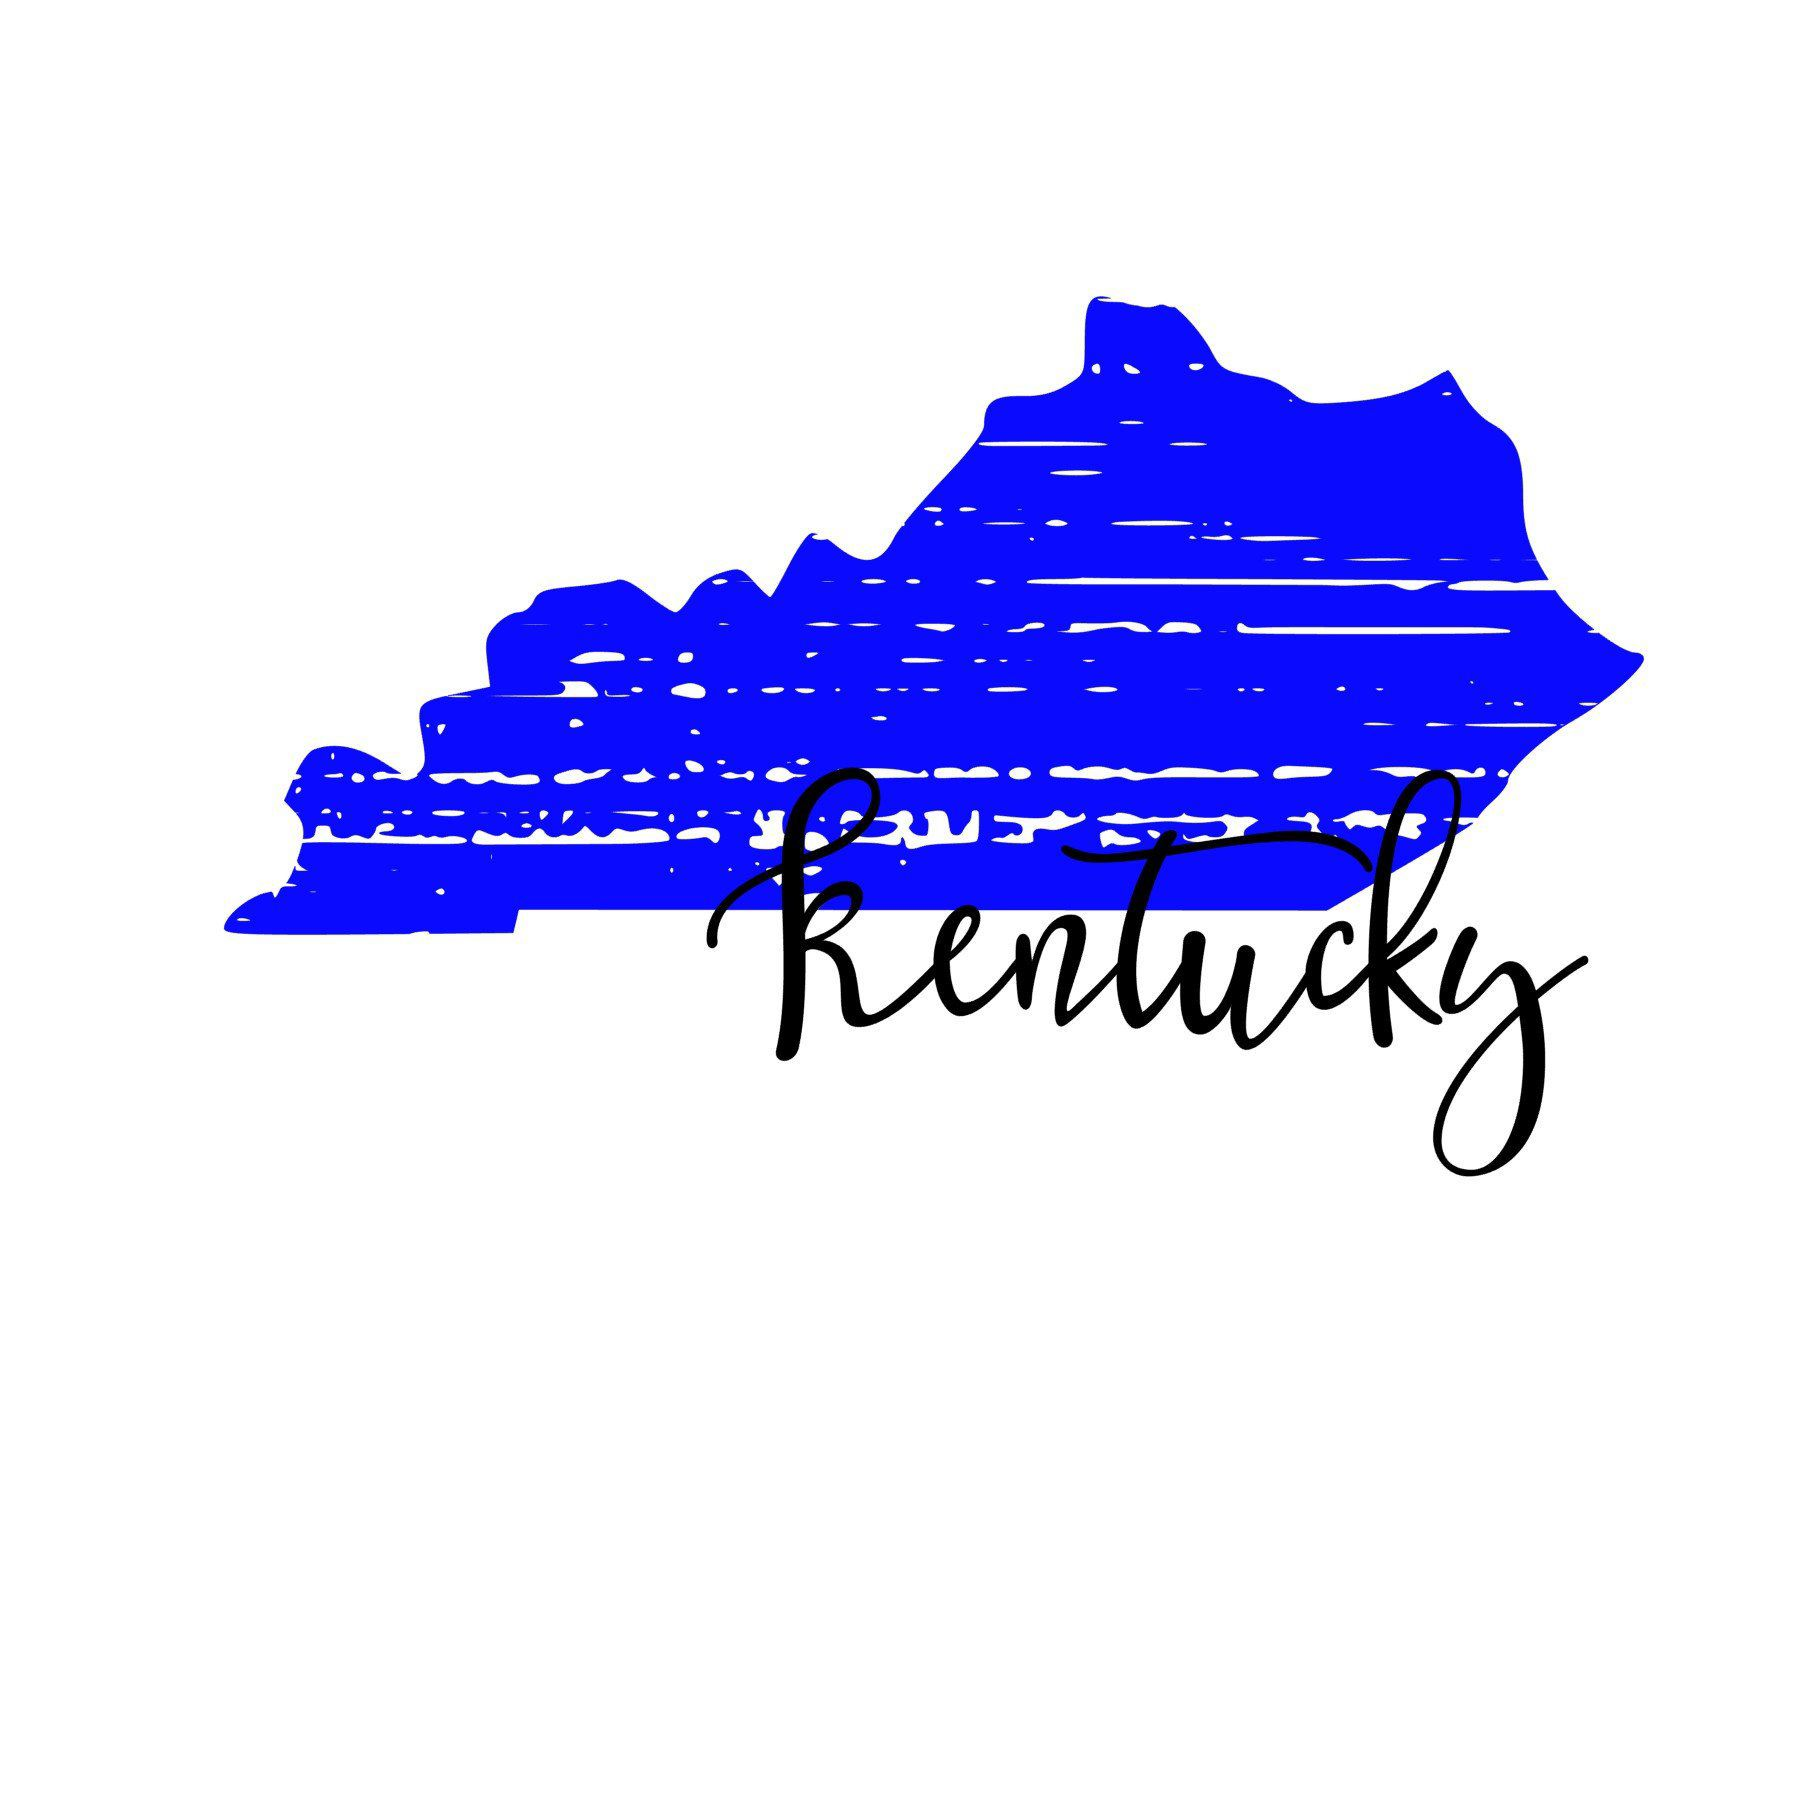 Distressed Kentucky State SVG Kentucky state, Kentucky, Svg